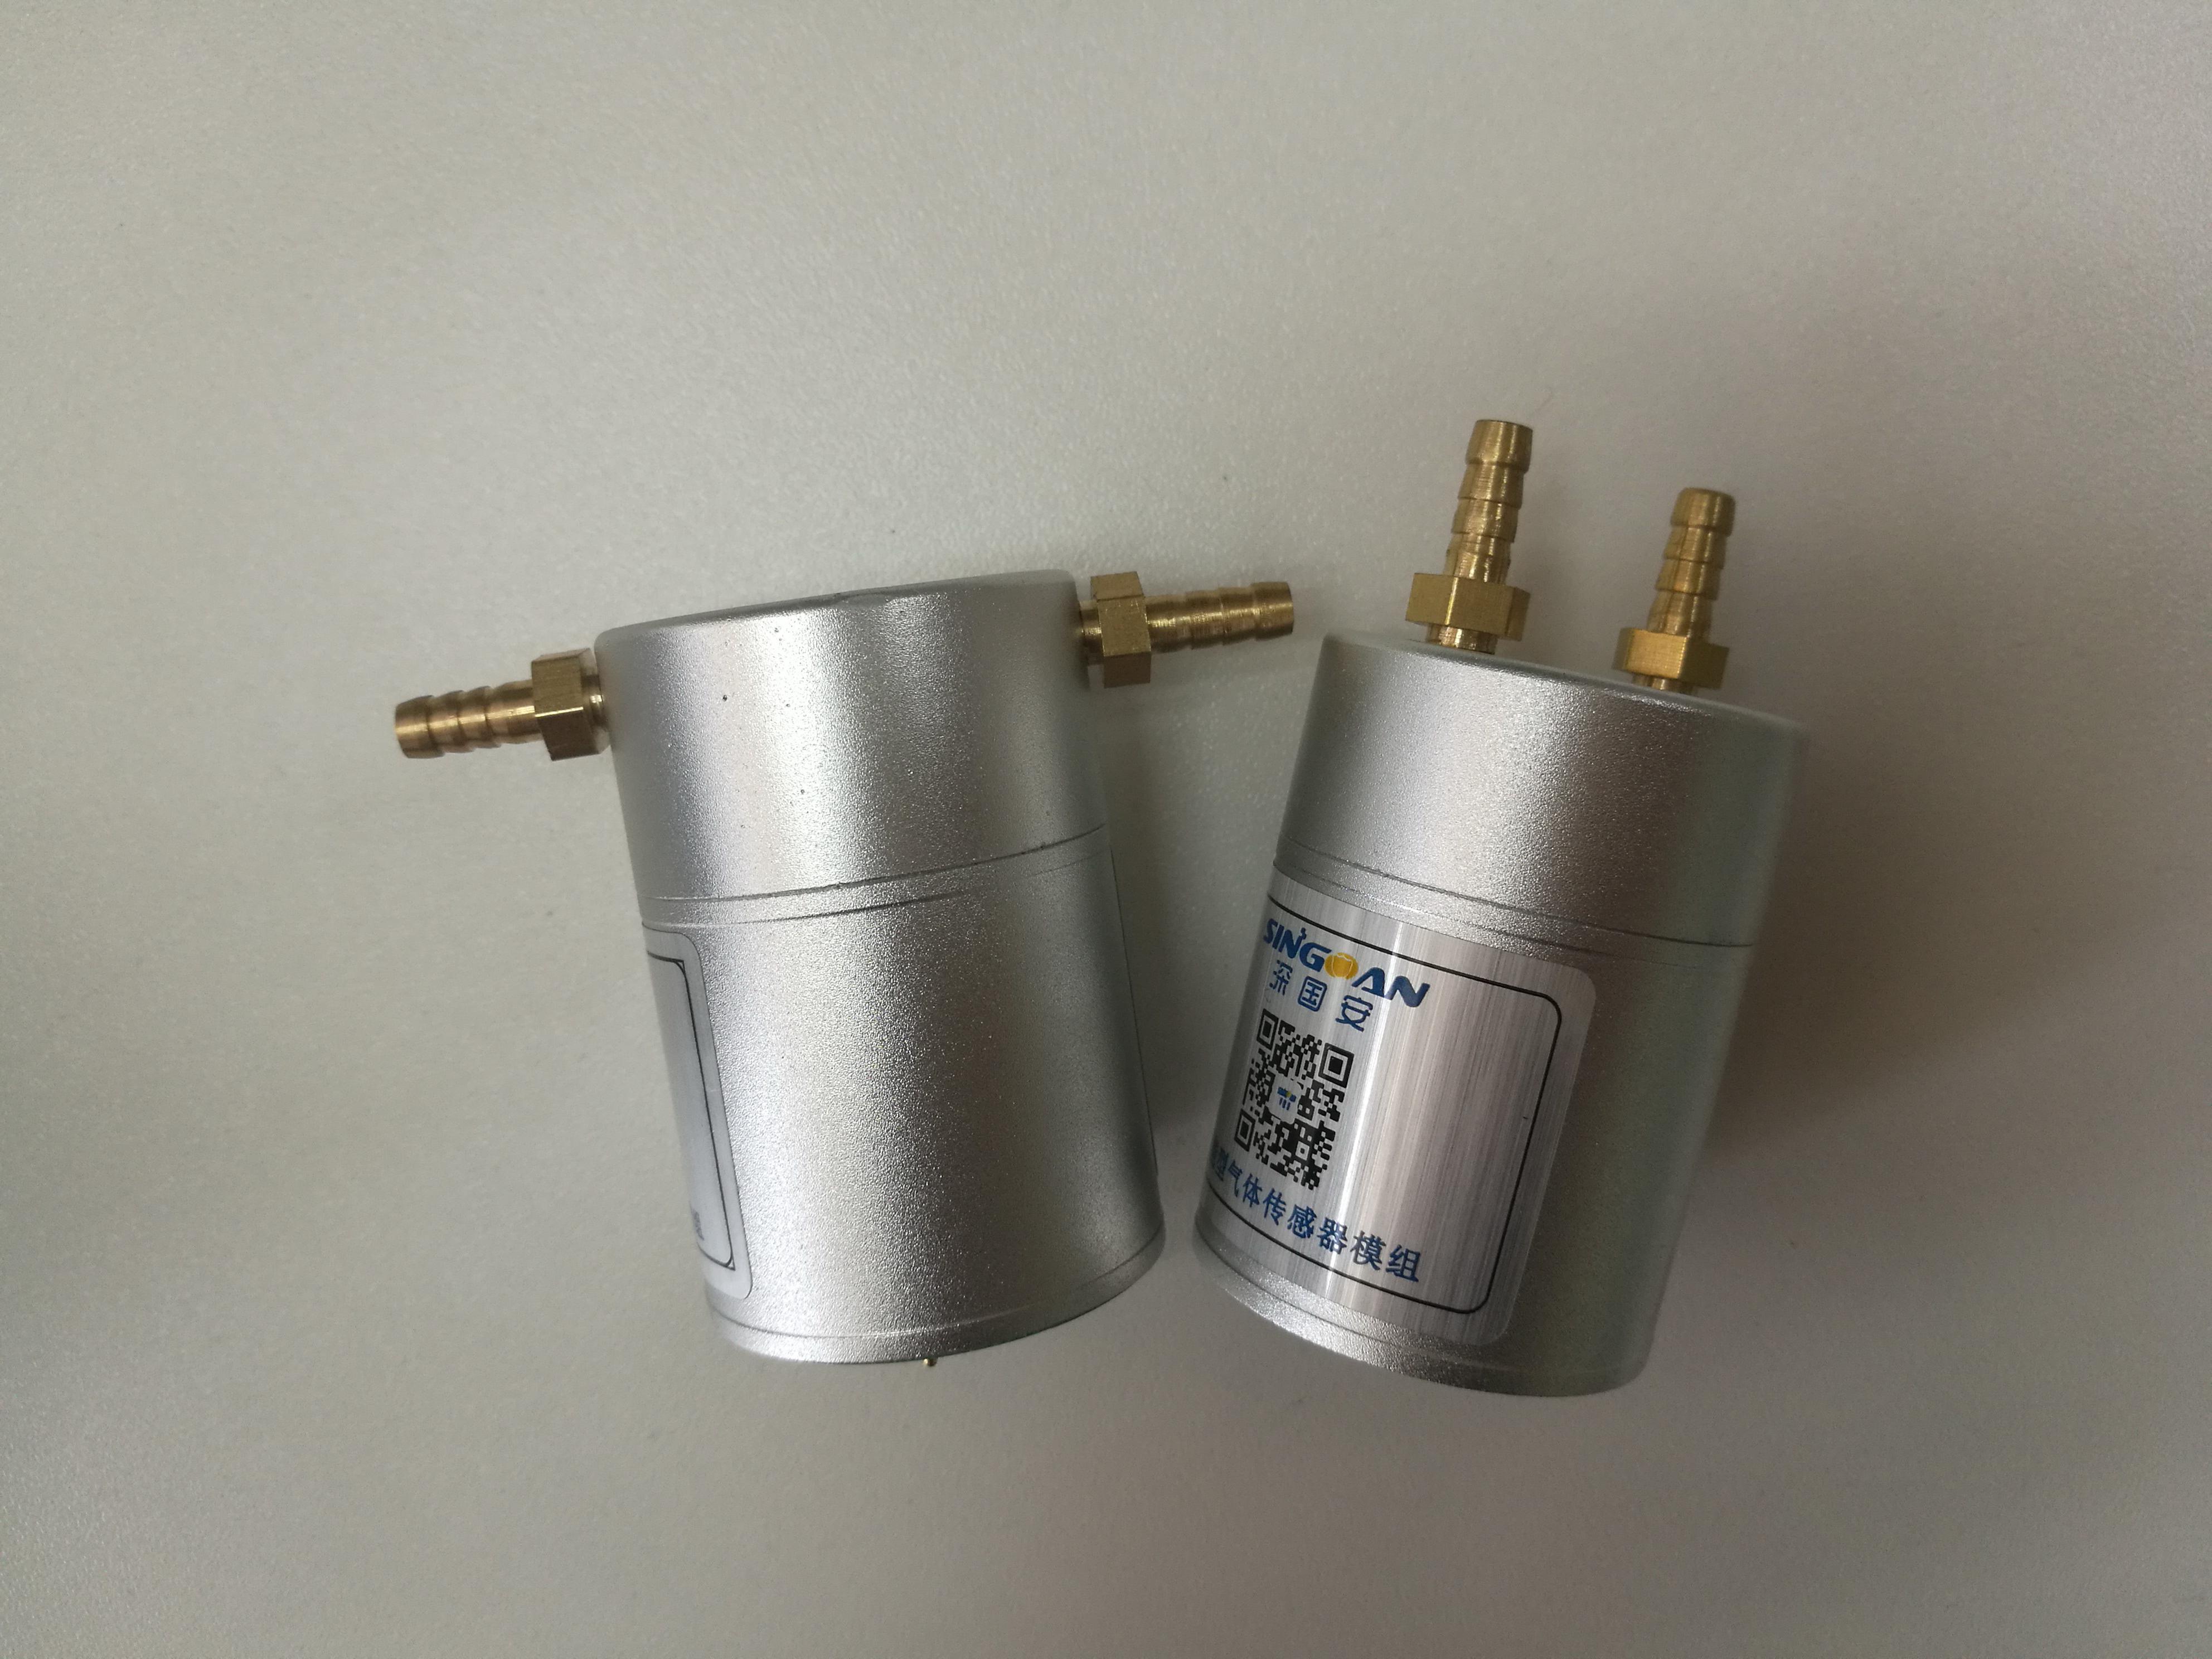 大气监测专用臭氧传感器介绍